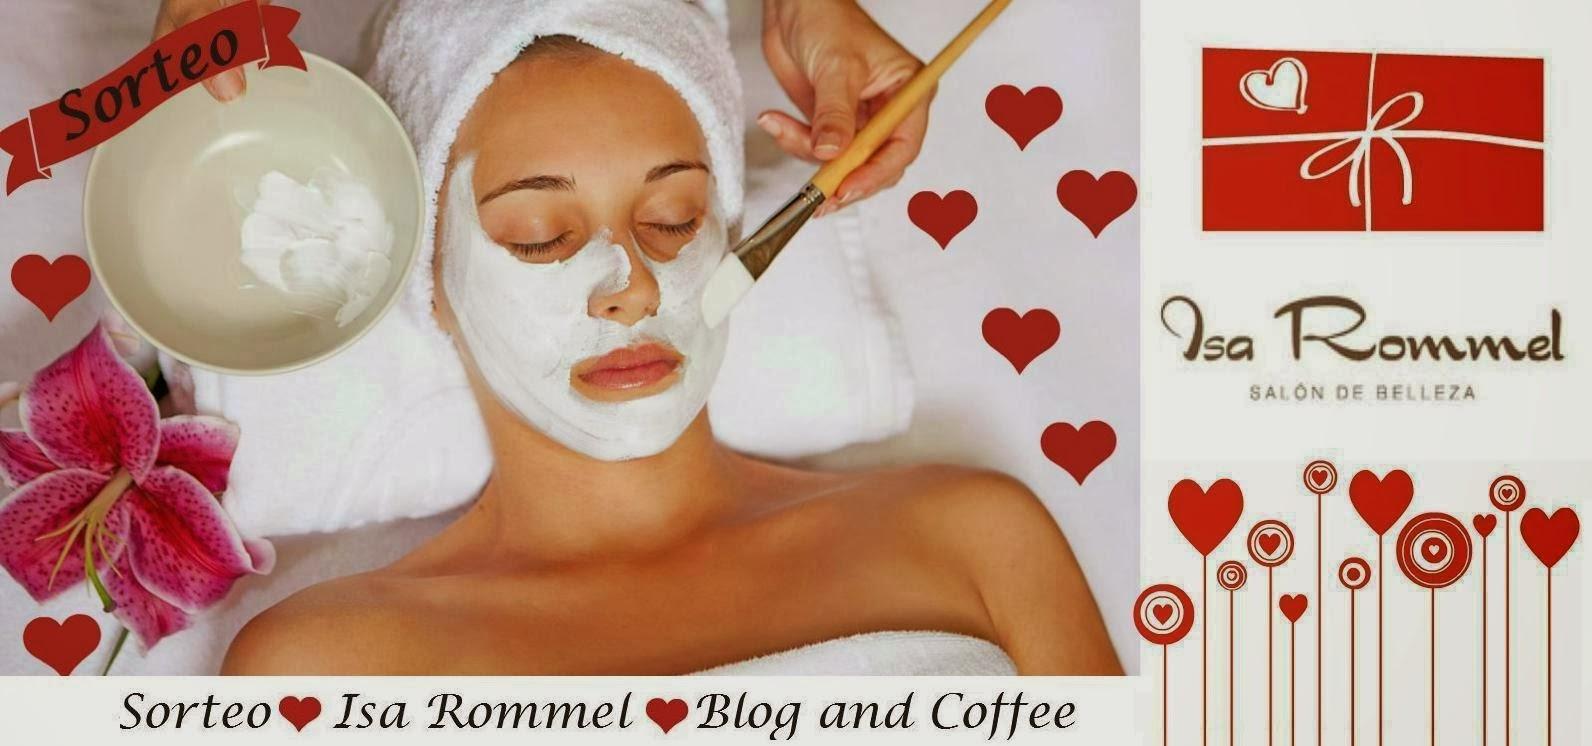 http://blog-andcoffee.blogspot.com.es/2014/02/sorteo-ponte-guap-este-san-valentin.html?showComment=1391518952768#c6986478360899233624